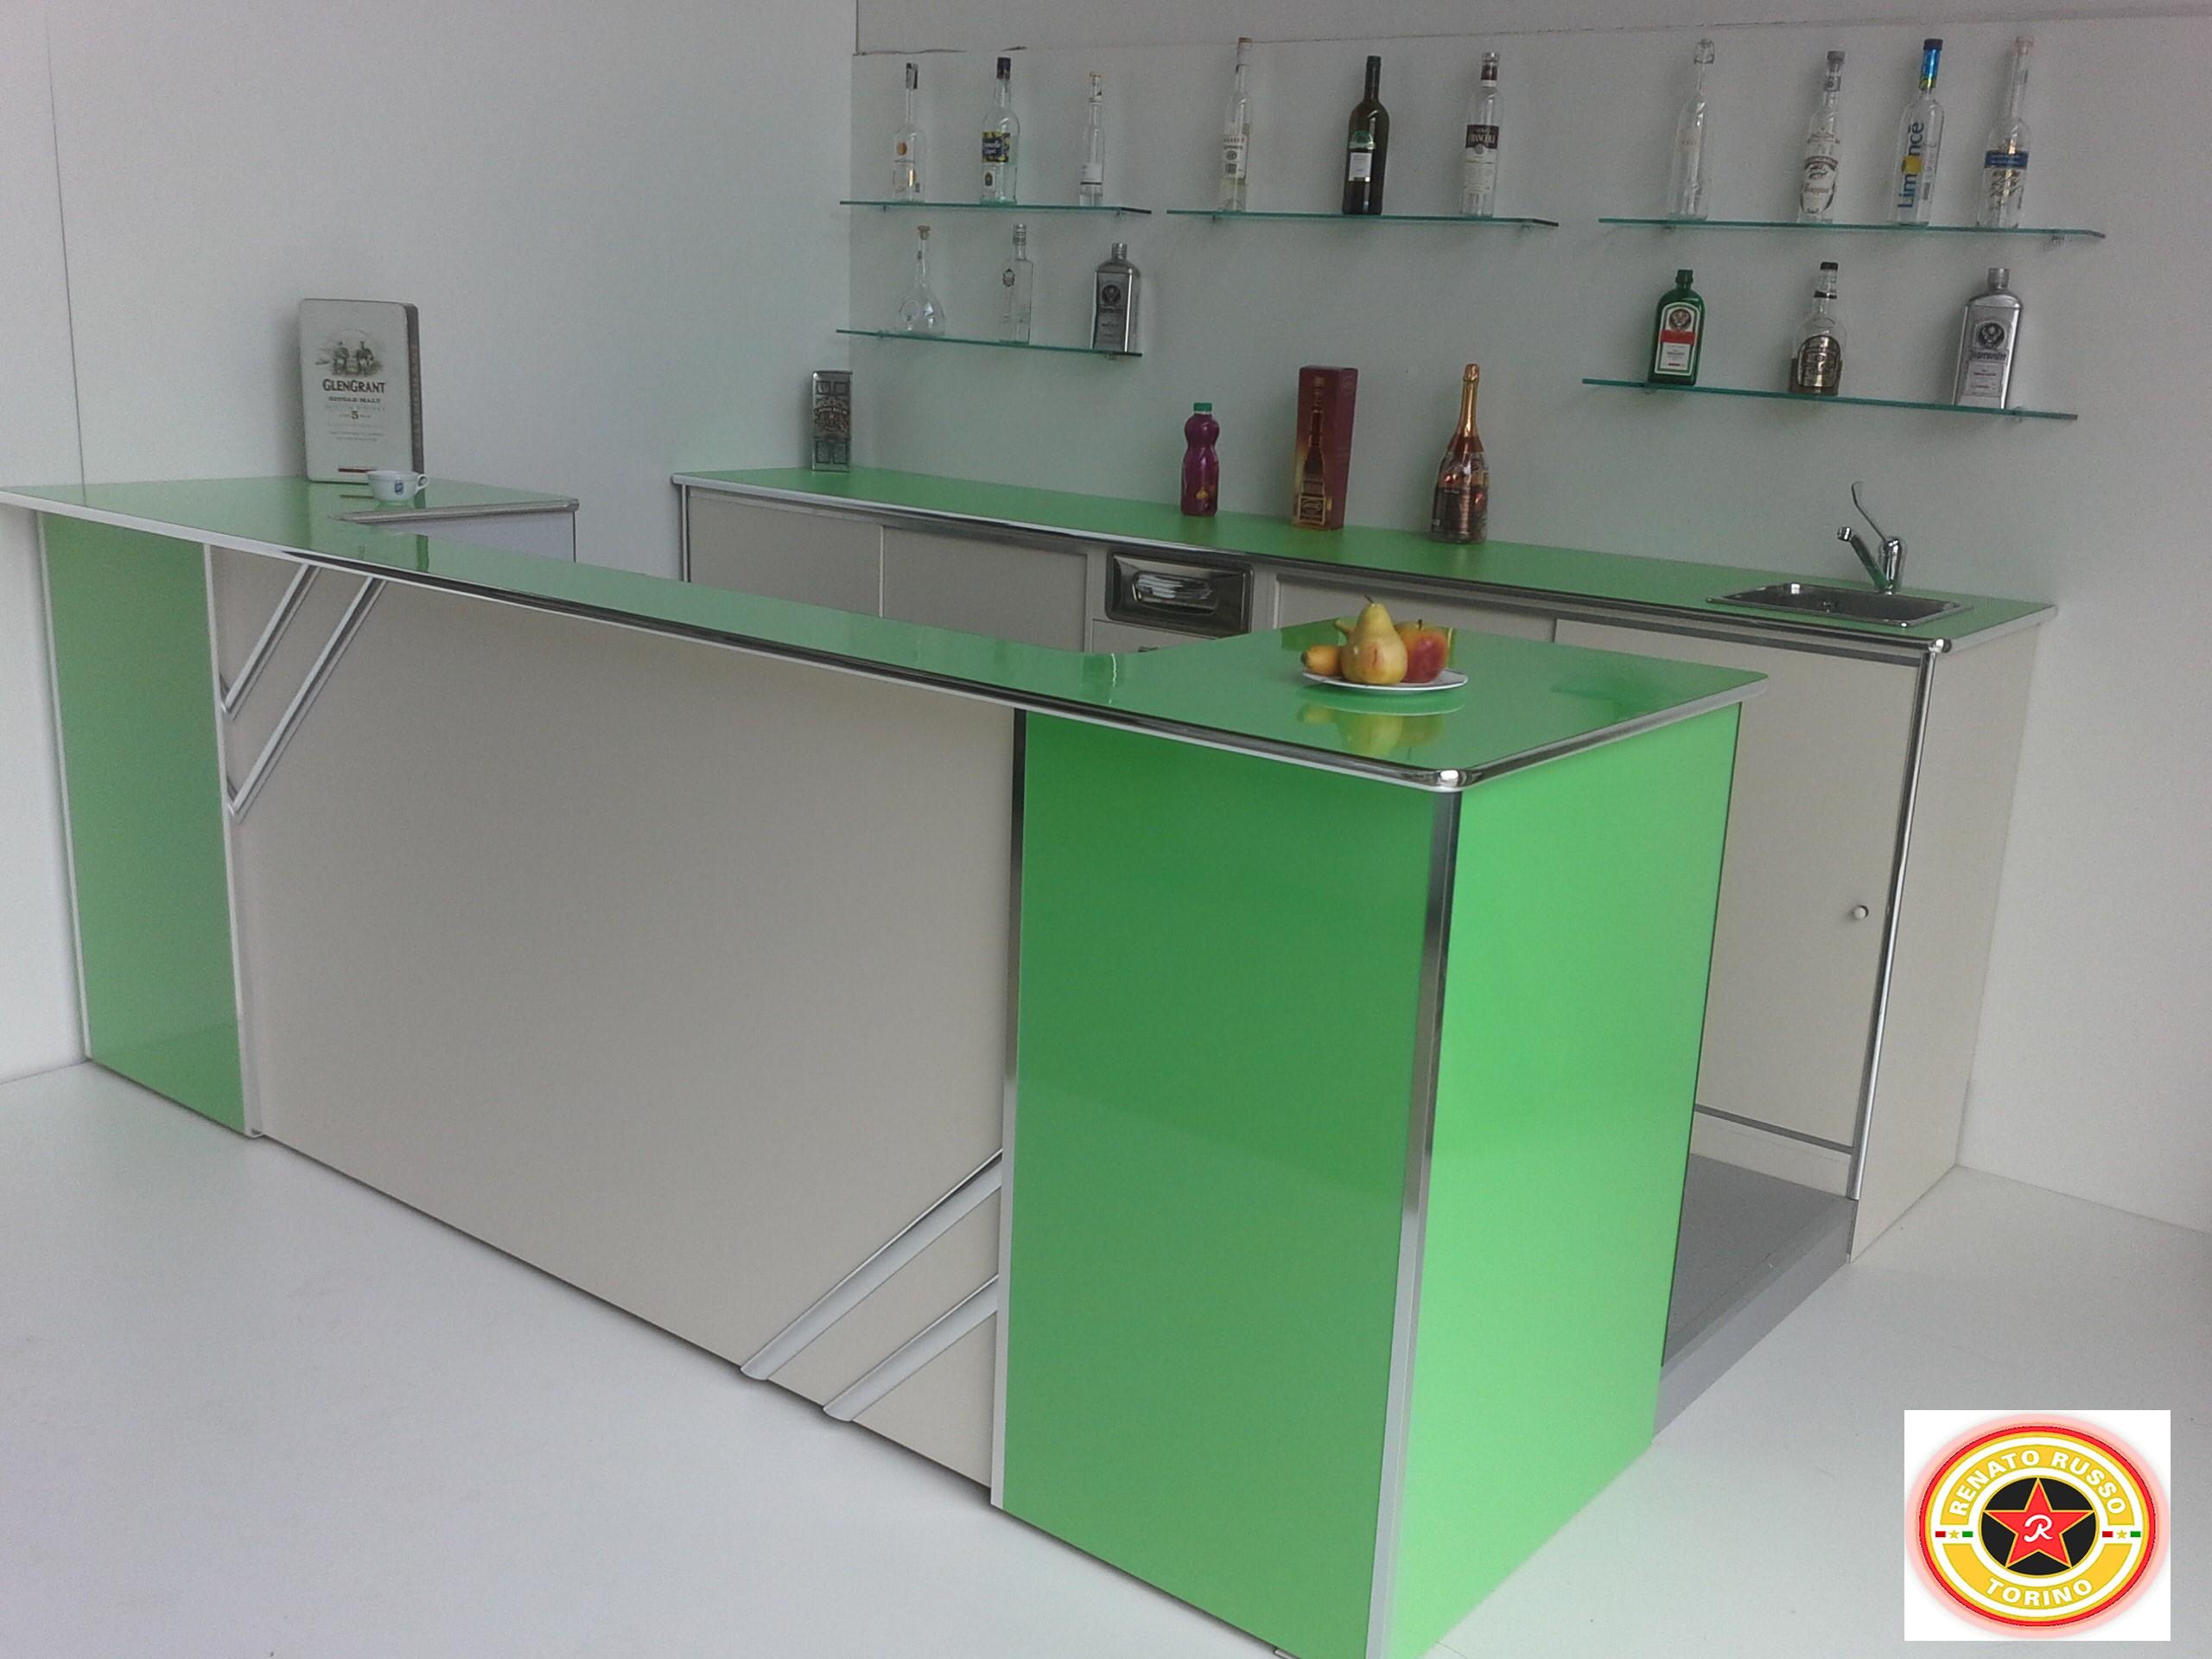 Produttori Mobili Lombardia.Bancone Bar Compra In Fabbrica Banconi Bar Produttori Di